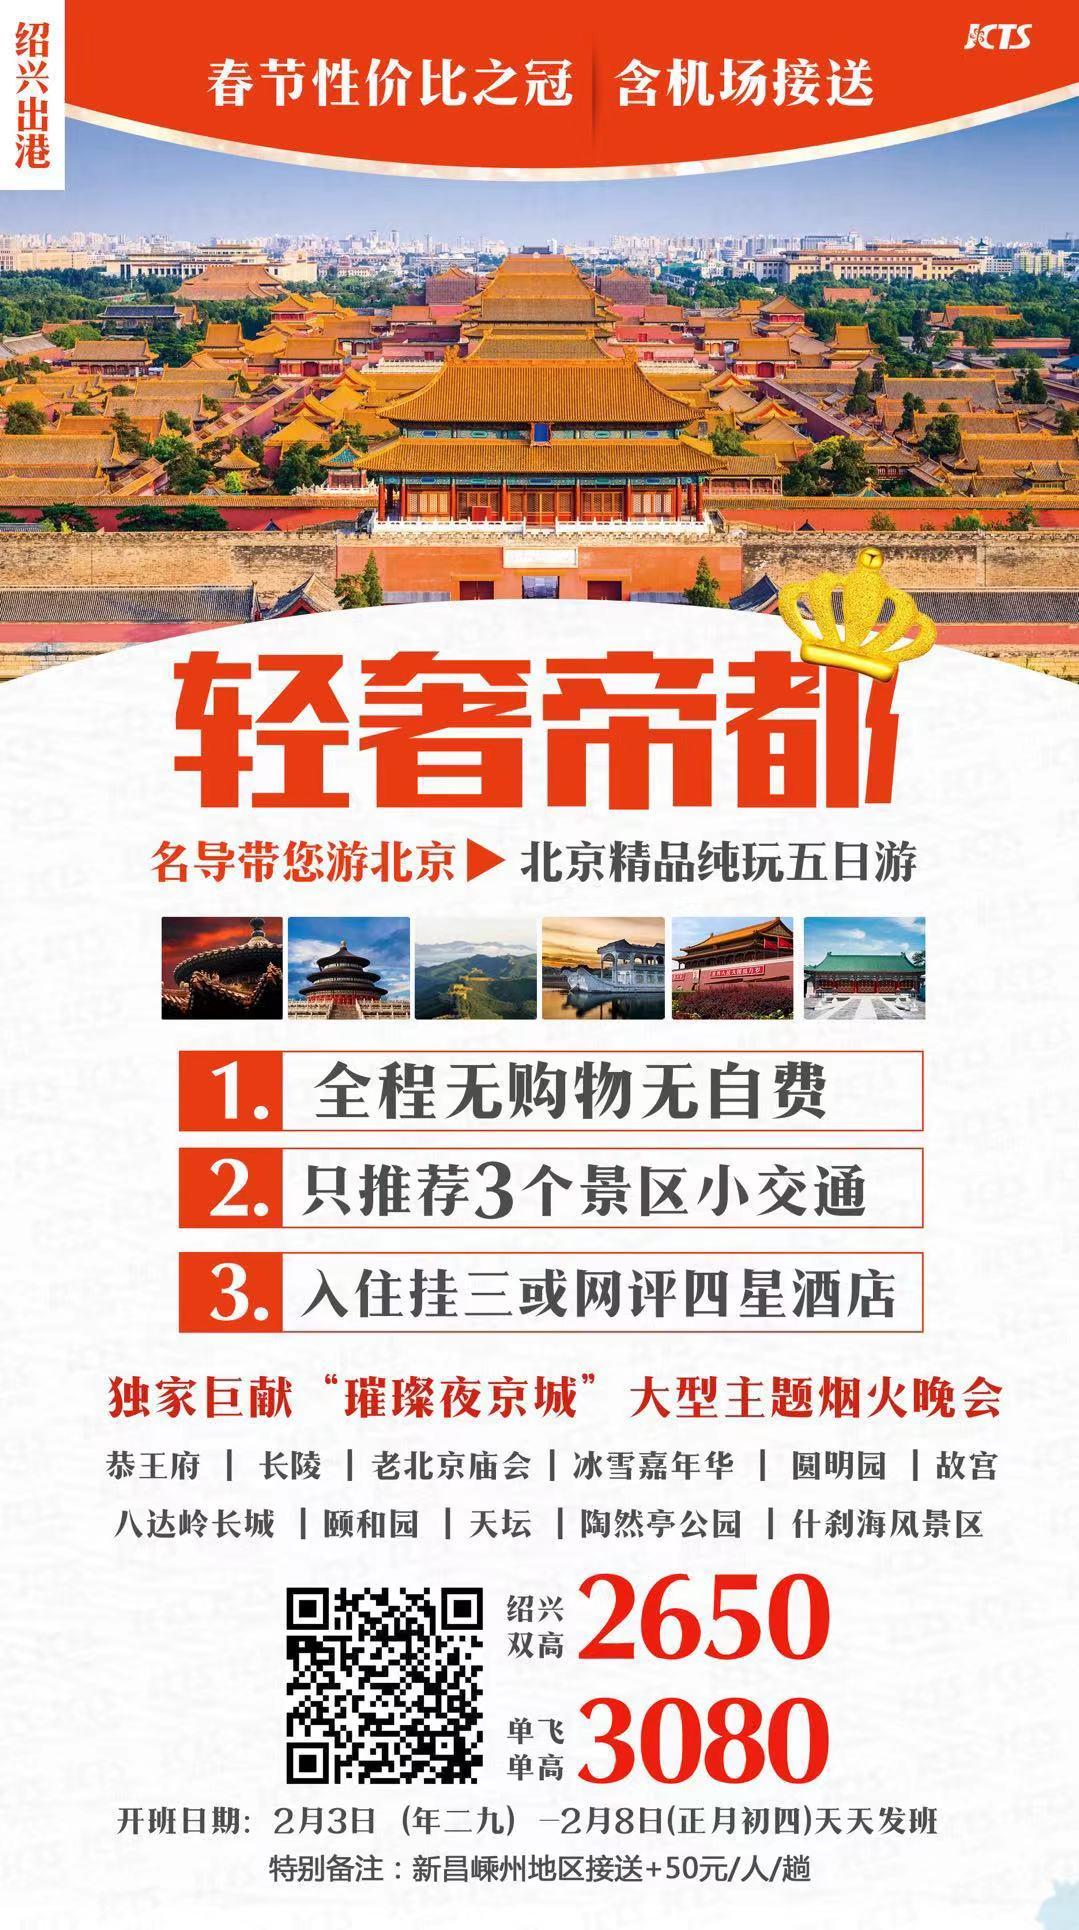 春节2.2-8 北京精品纯玩五日游2980 高去飞回